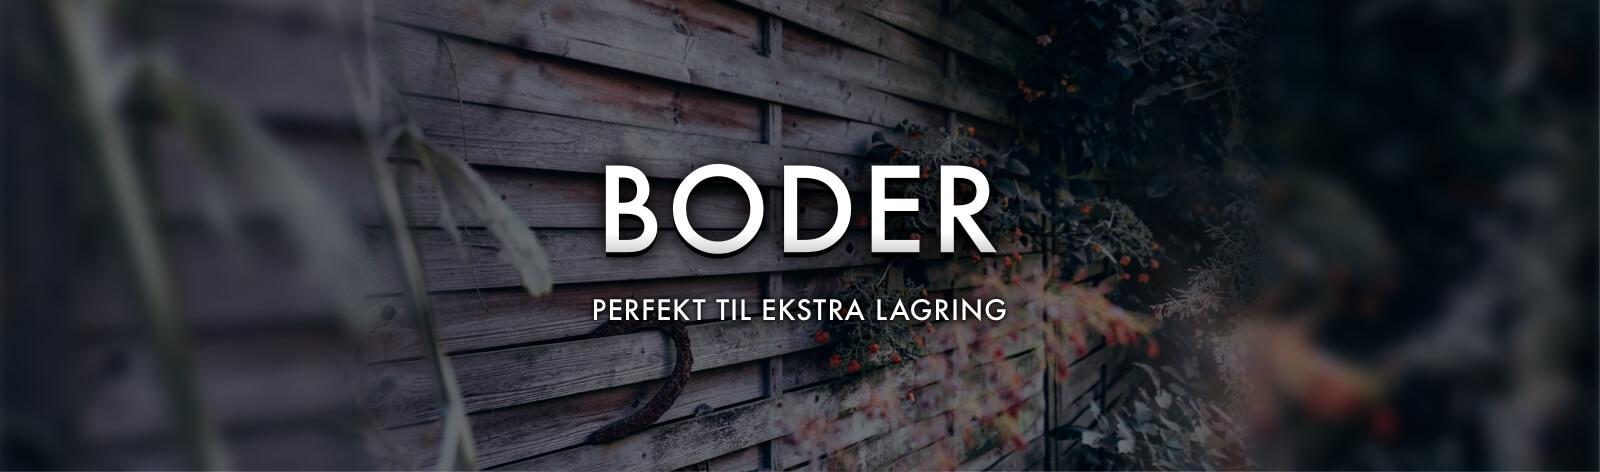 Boder & Takoverbygg